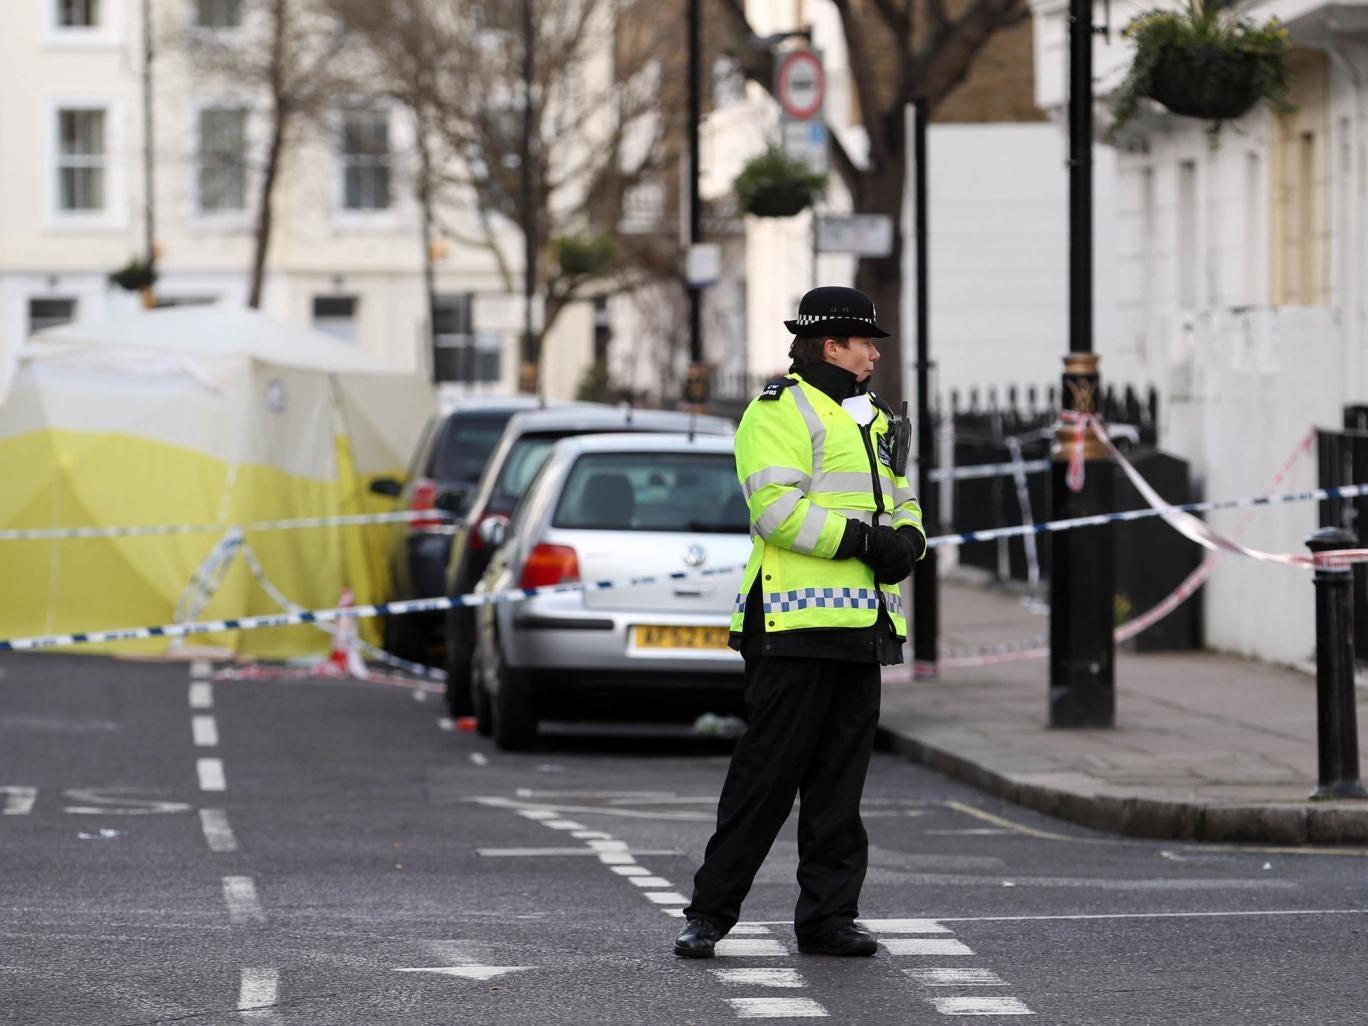 The scene of the stabbing in Pimlico